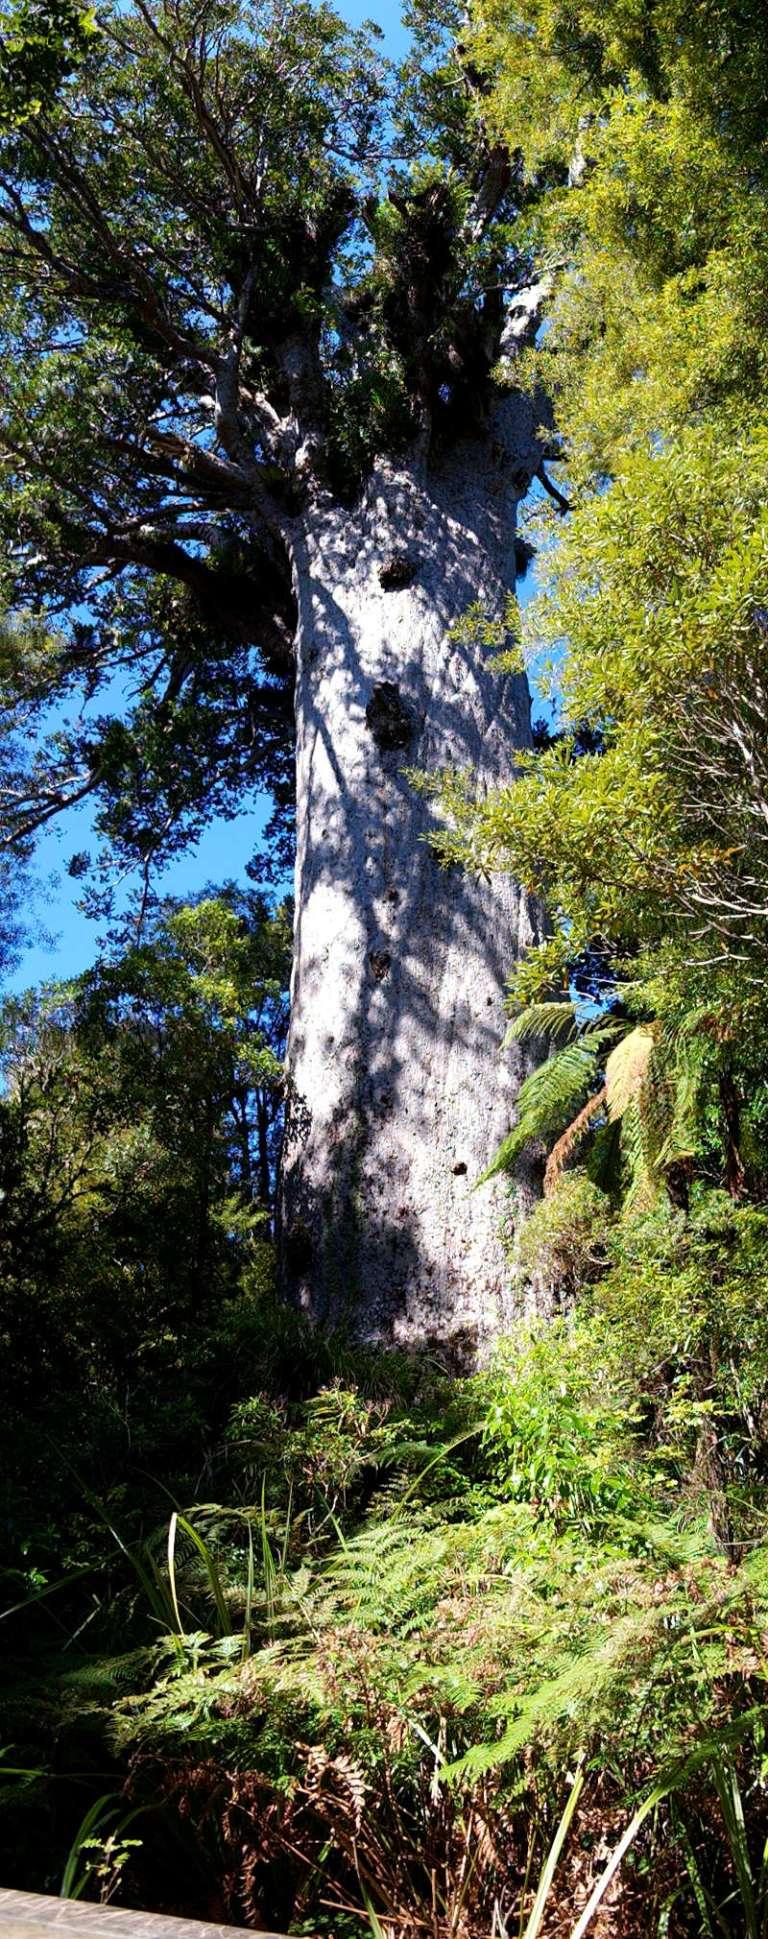 Waipoua Forest Tane Mahuta - der größte lebende Kauri